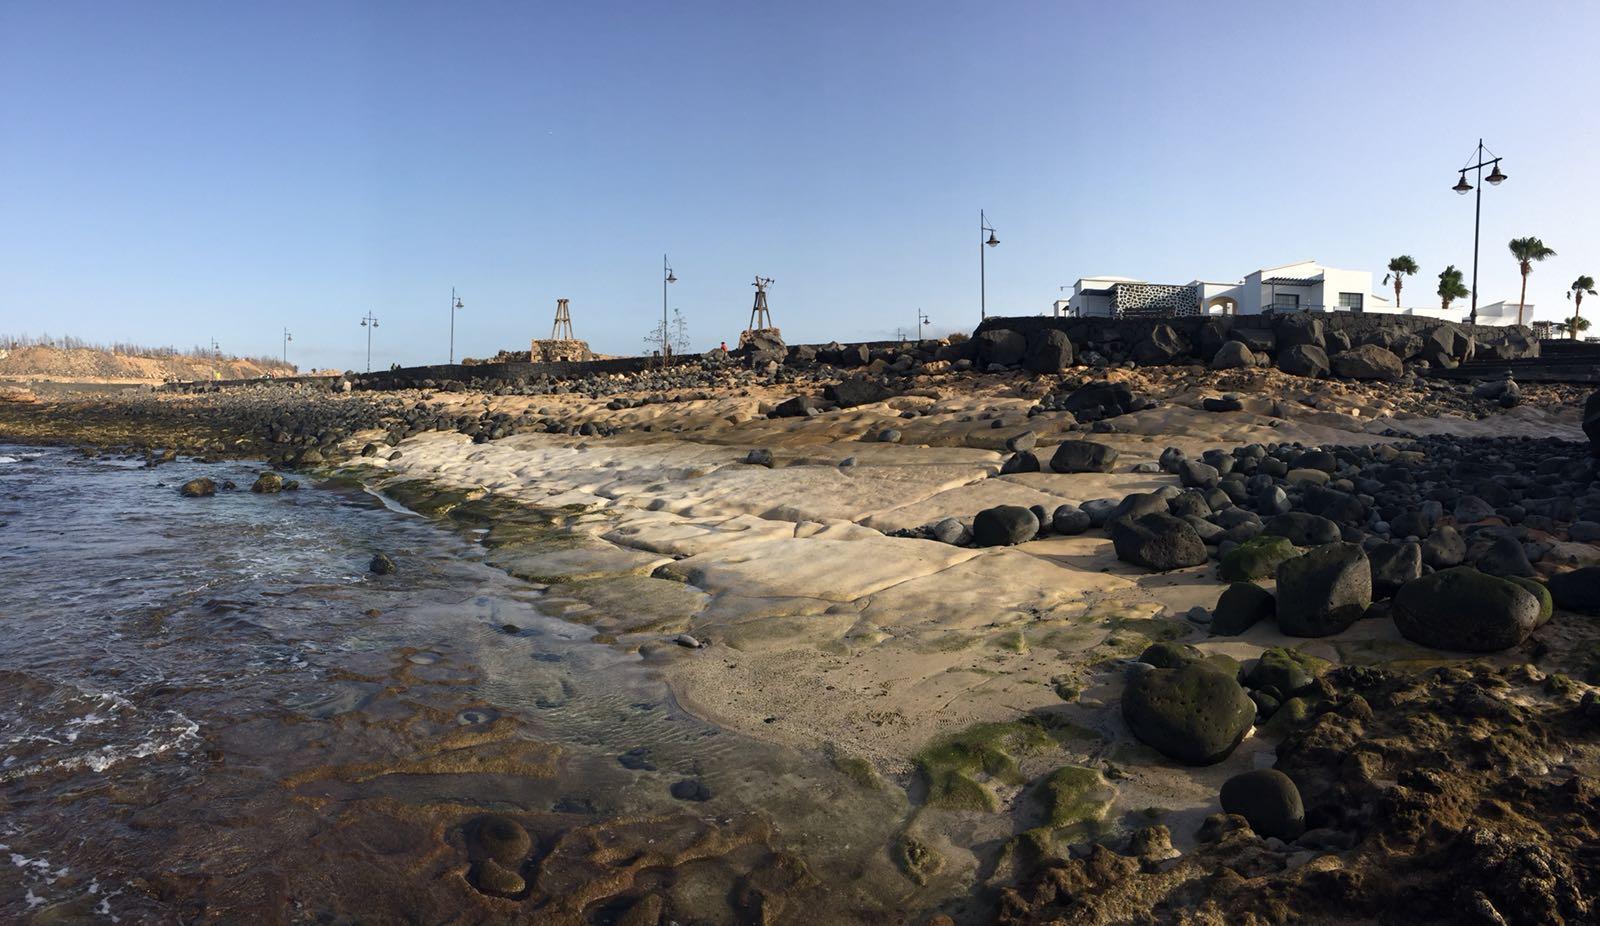 Playa de El Berrugo en Yaiza, Lanzarote